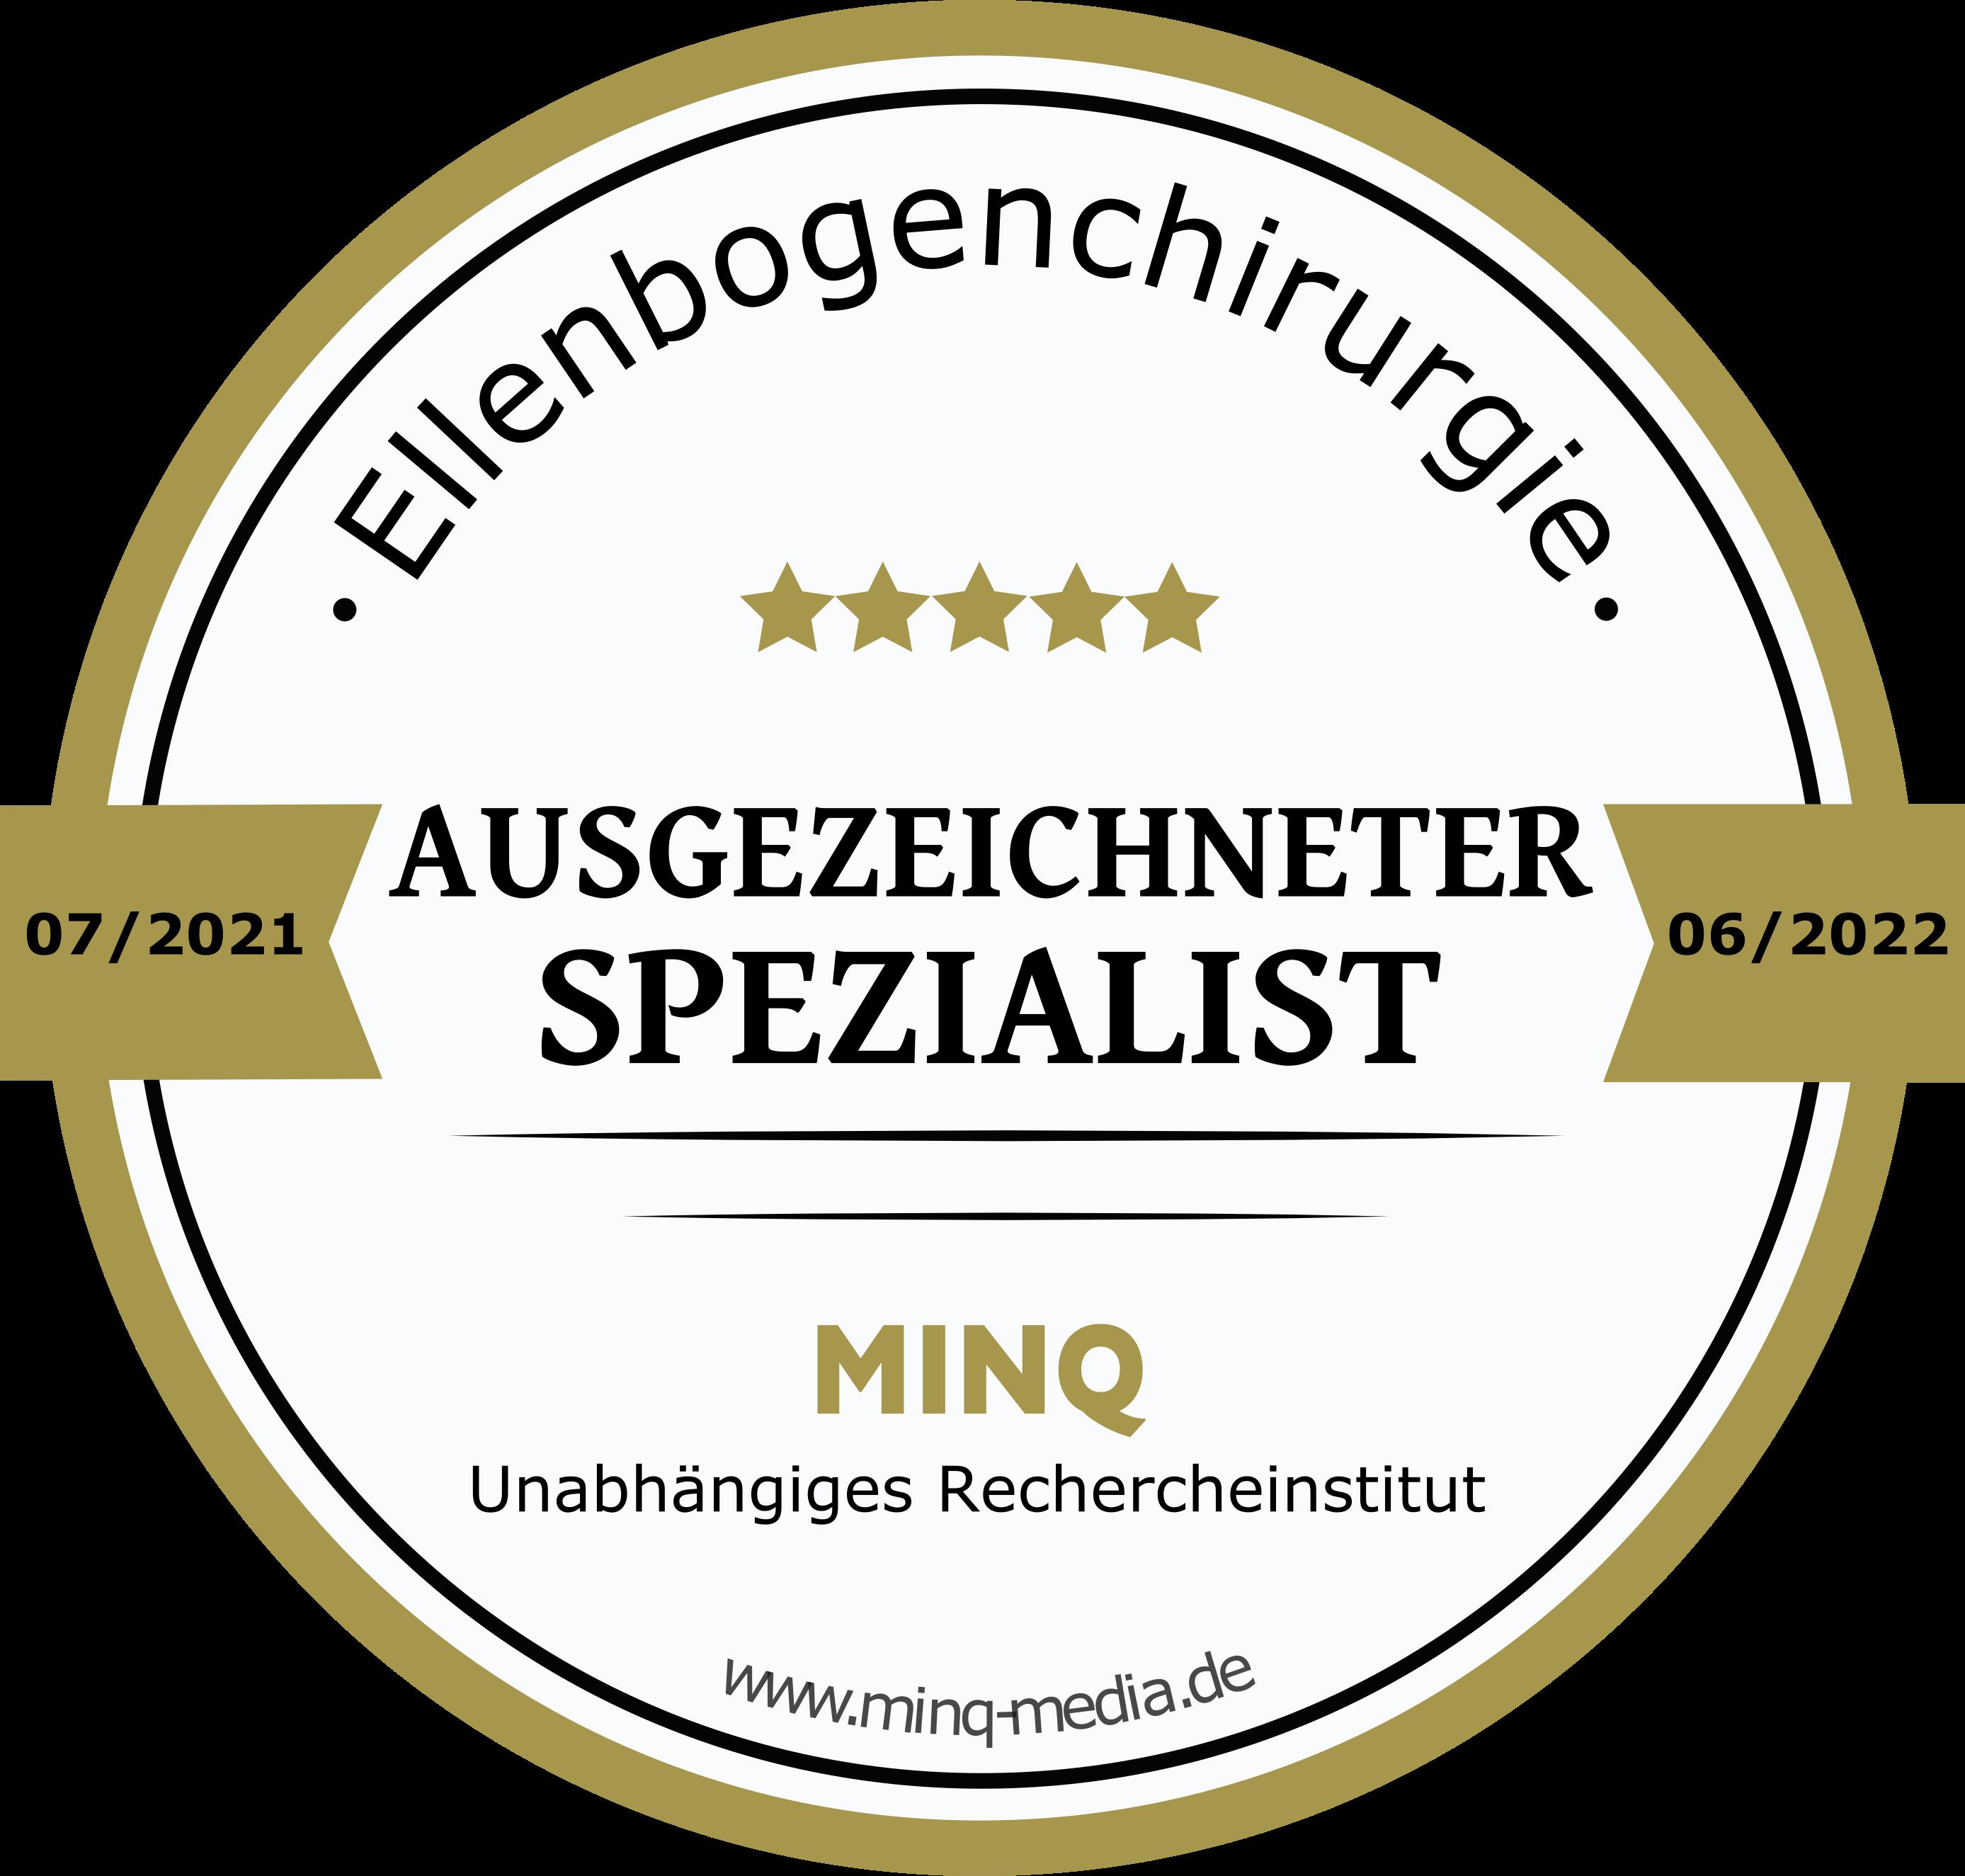 Ellenbogenchirurgie - Prof. Tauber - Ausgezeichneter Spezialist - MINQ